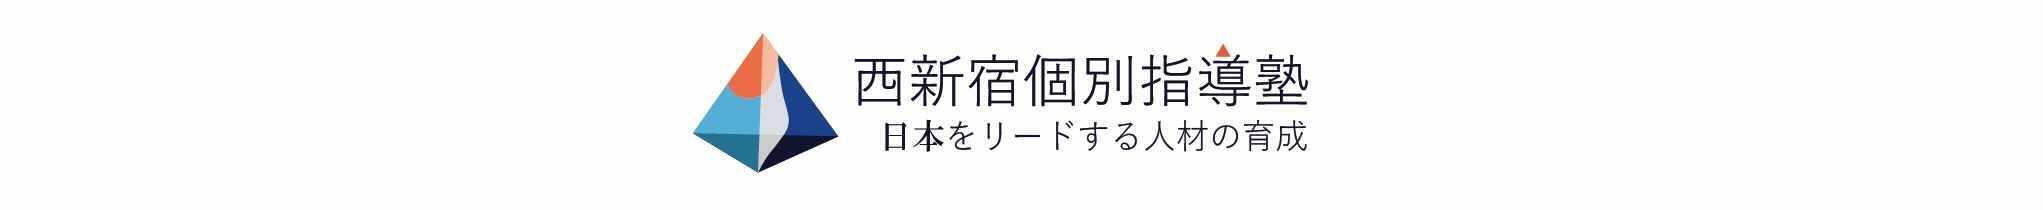 西新宿個別指導塾